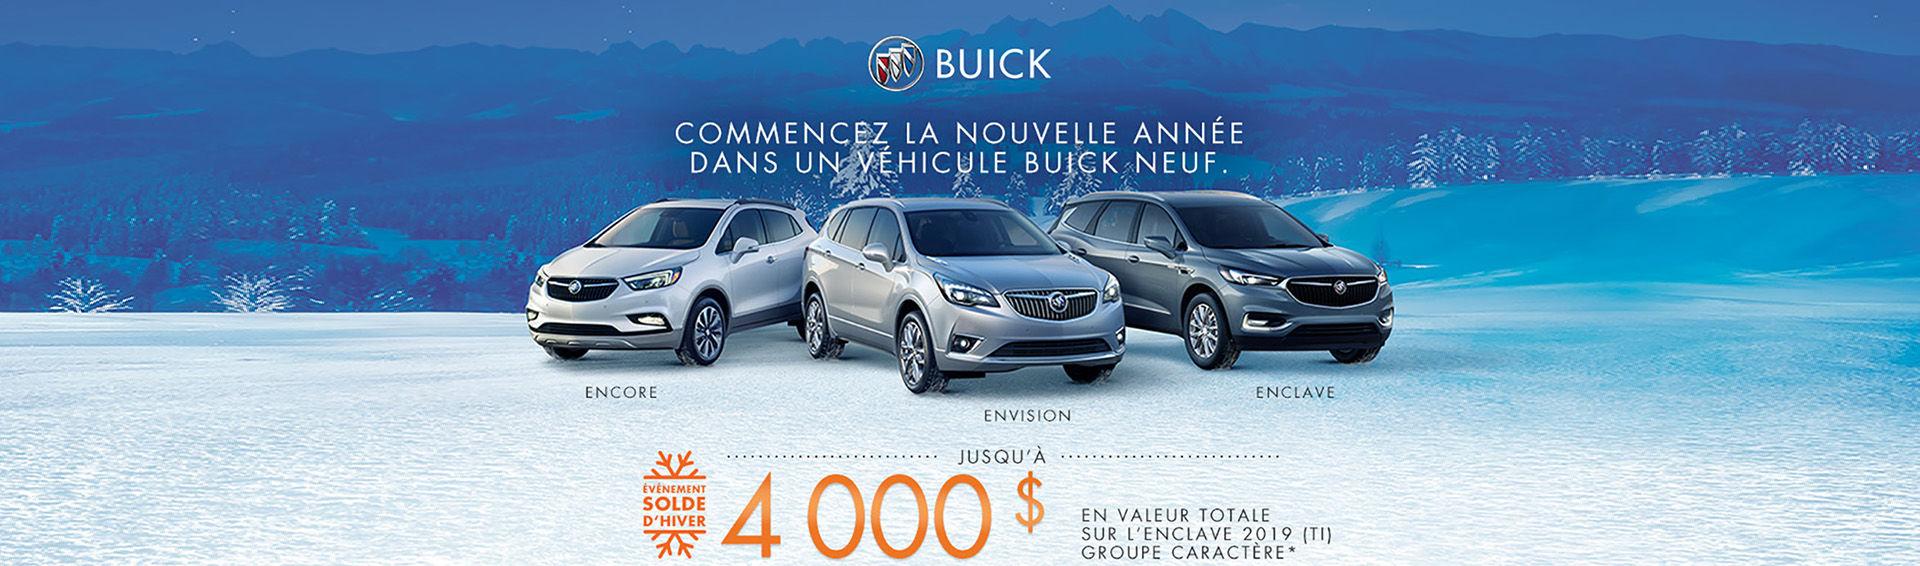 Slider-Buick-FR